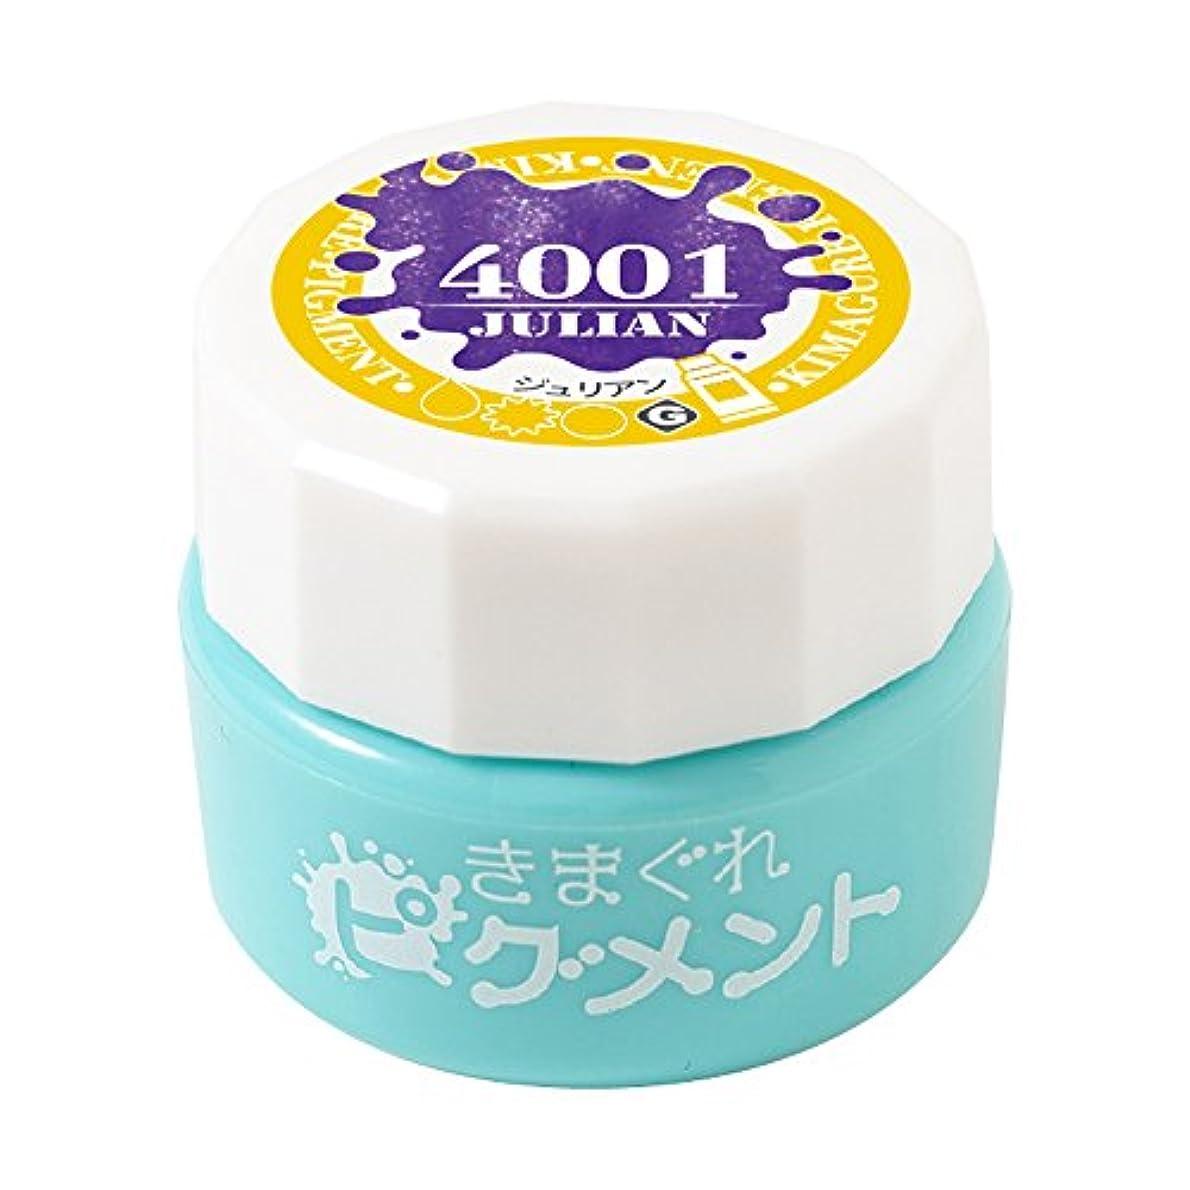 絶え間ない安全な疾患Bettygel きまぐれピグメント ジュリアン QYJ-4001 4g UV/LED対応